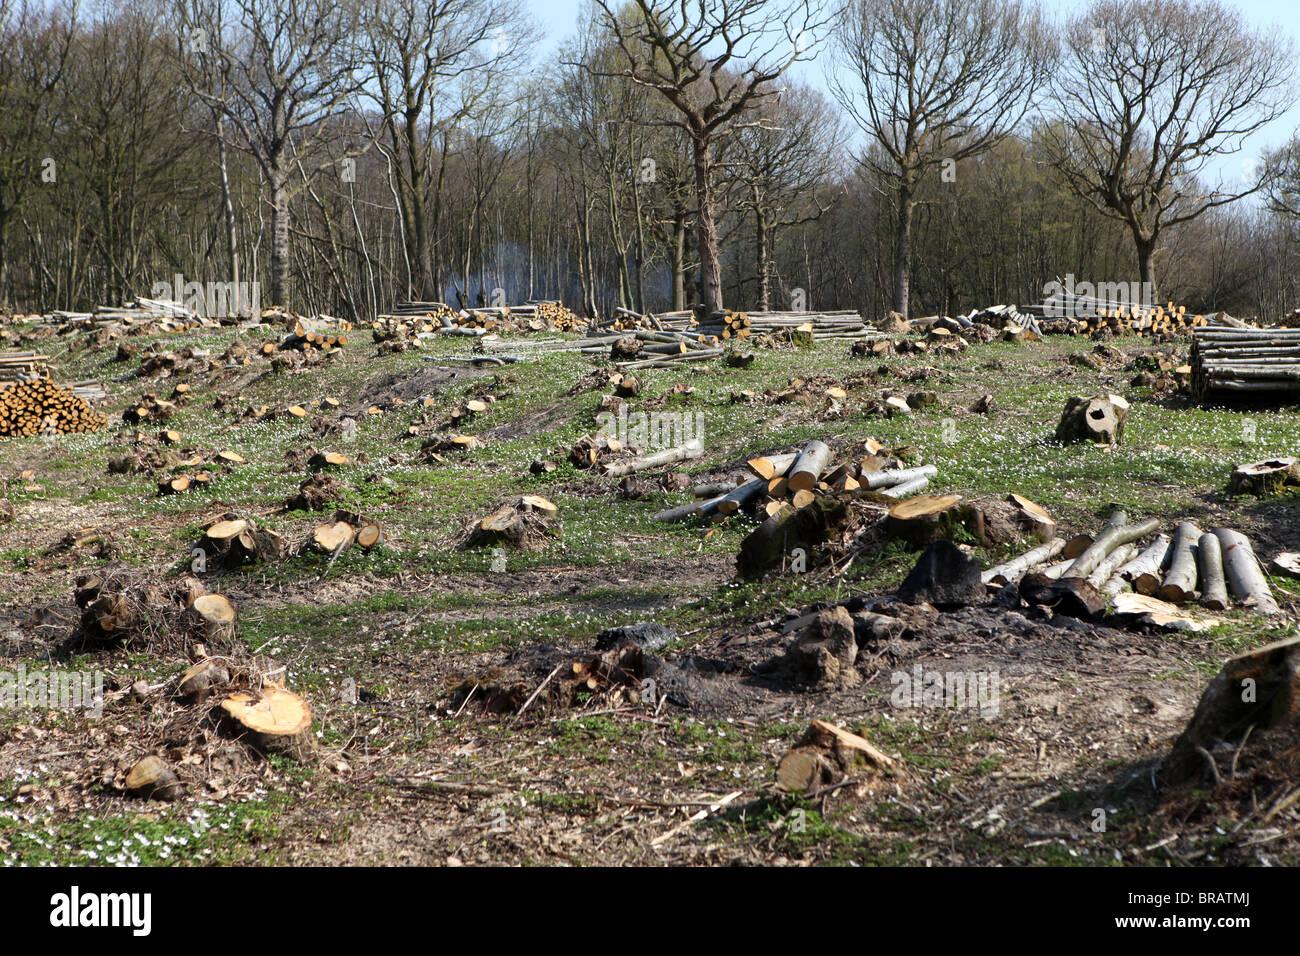 La déforestation et l'évacuation d'une zone boisée avant de nouveaux bâtiments en cours Photo Stock